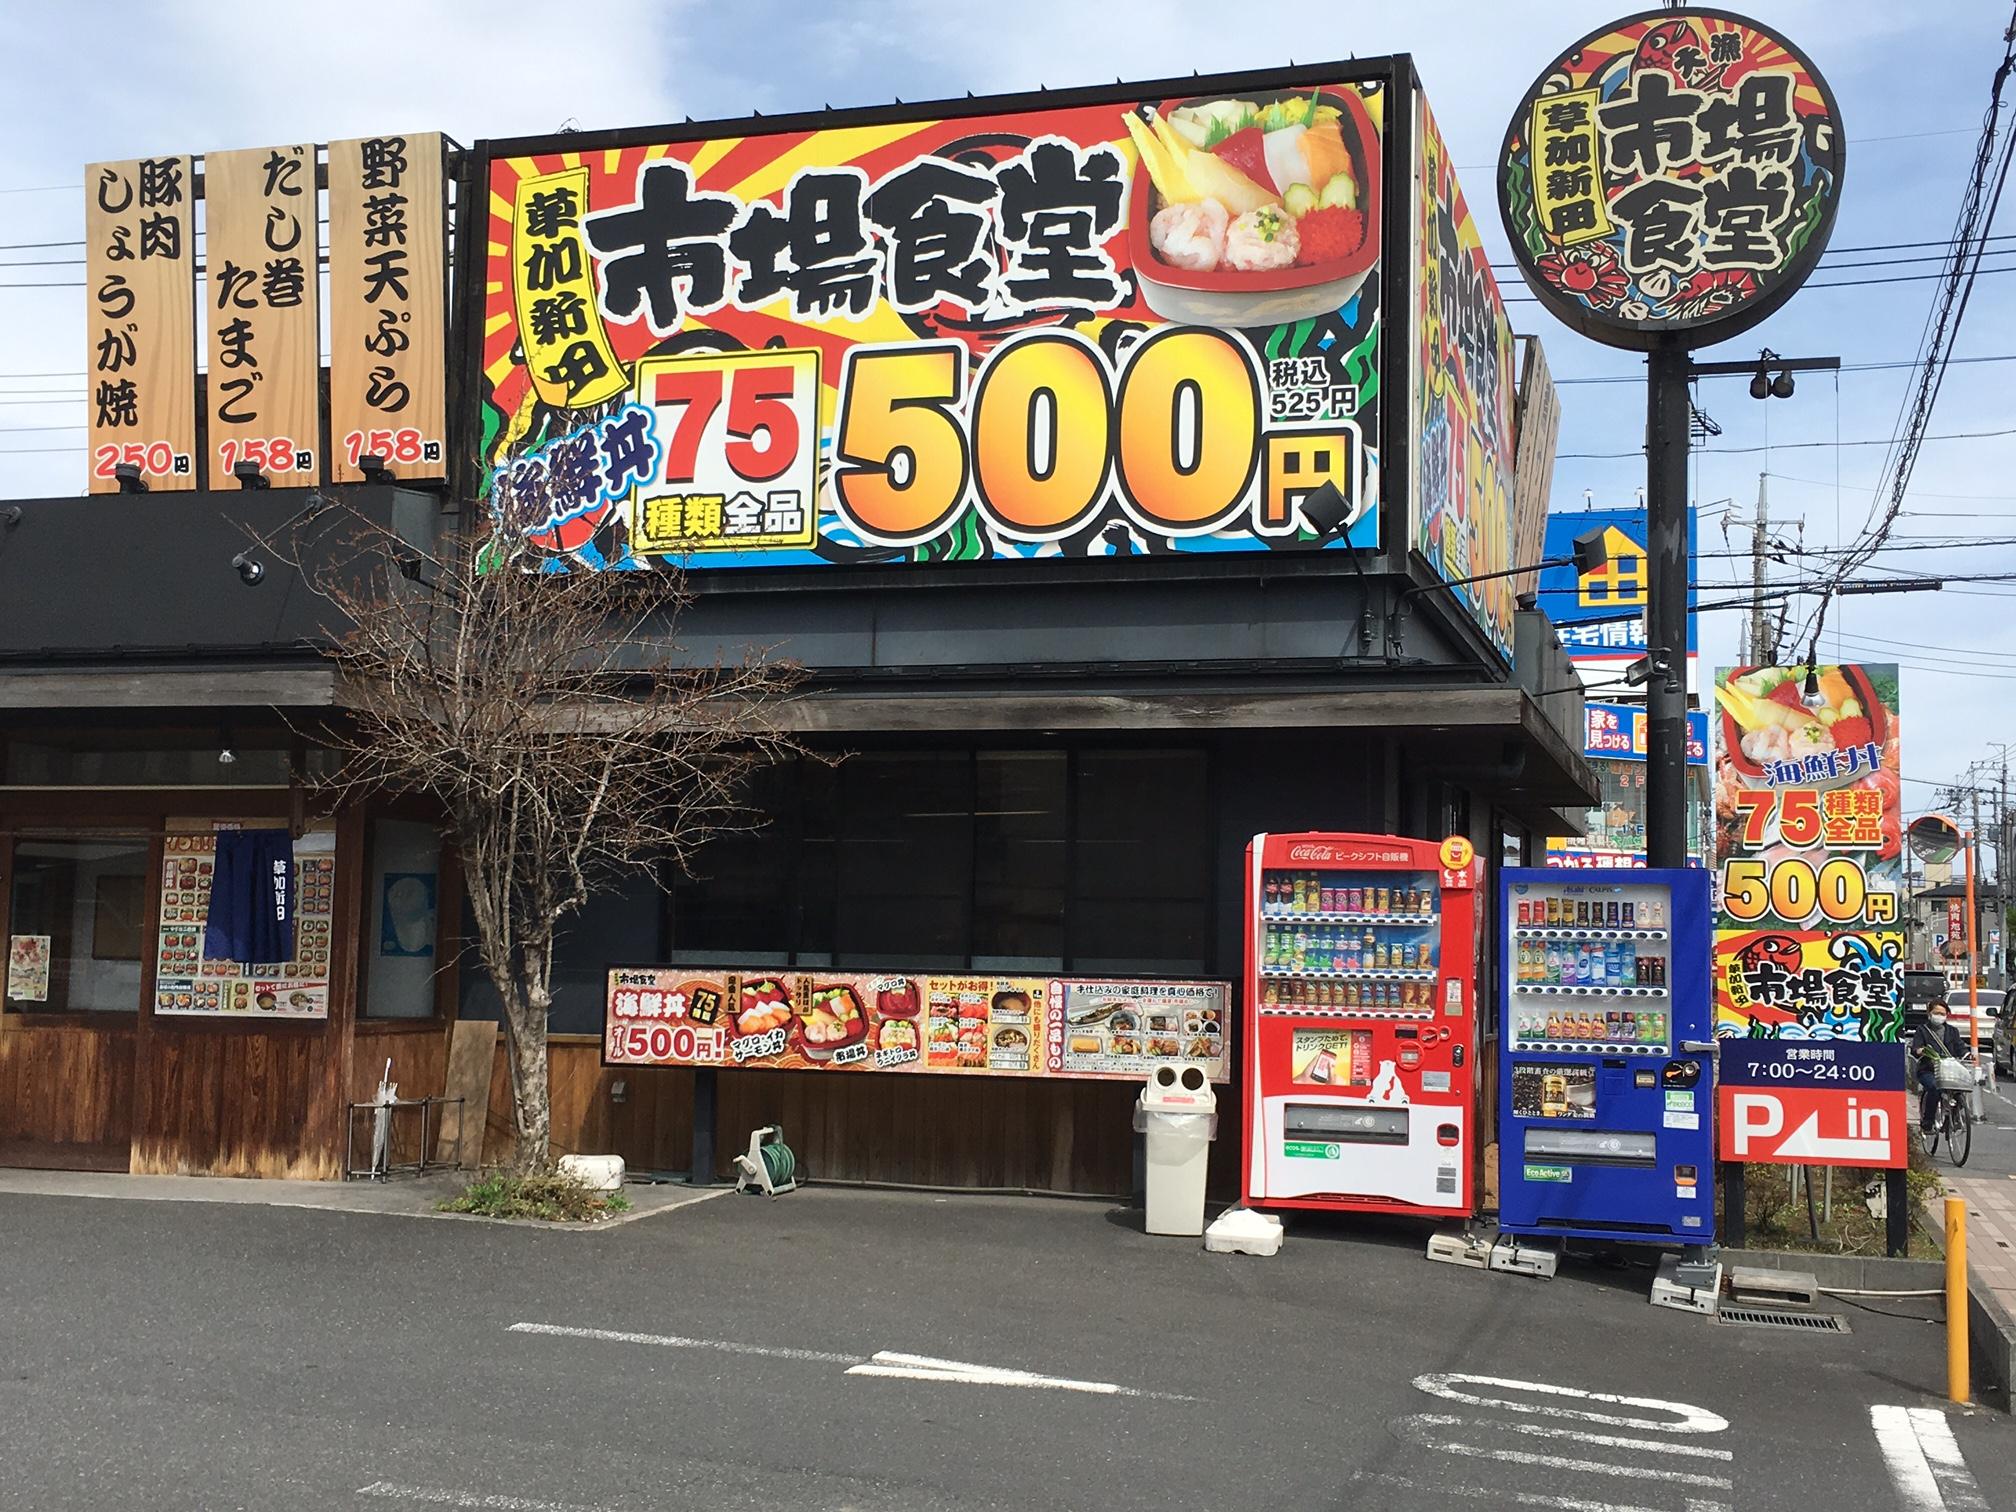 草加新田市場食堂 (埼玉県草加市、食堂)